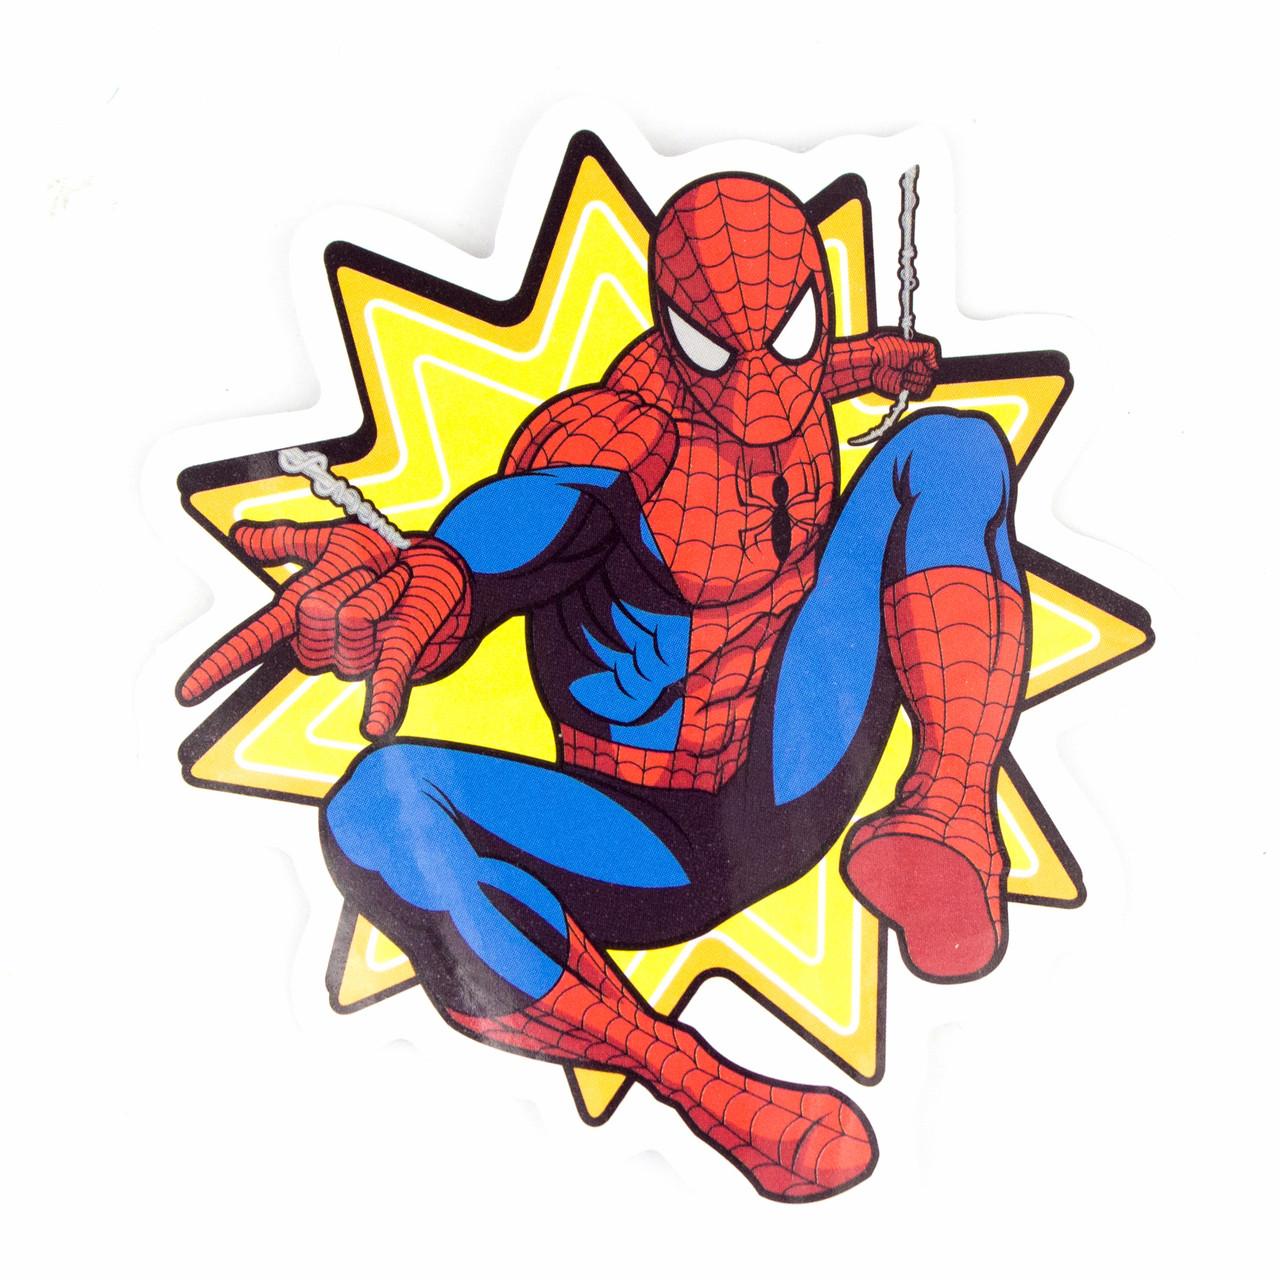 Стикер Spider Man Вперед Паутина для ноутбука, смартфона, дорожного пластикового чемодана